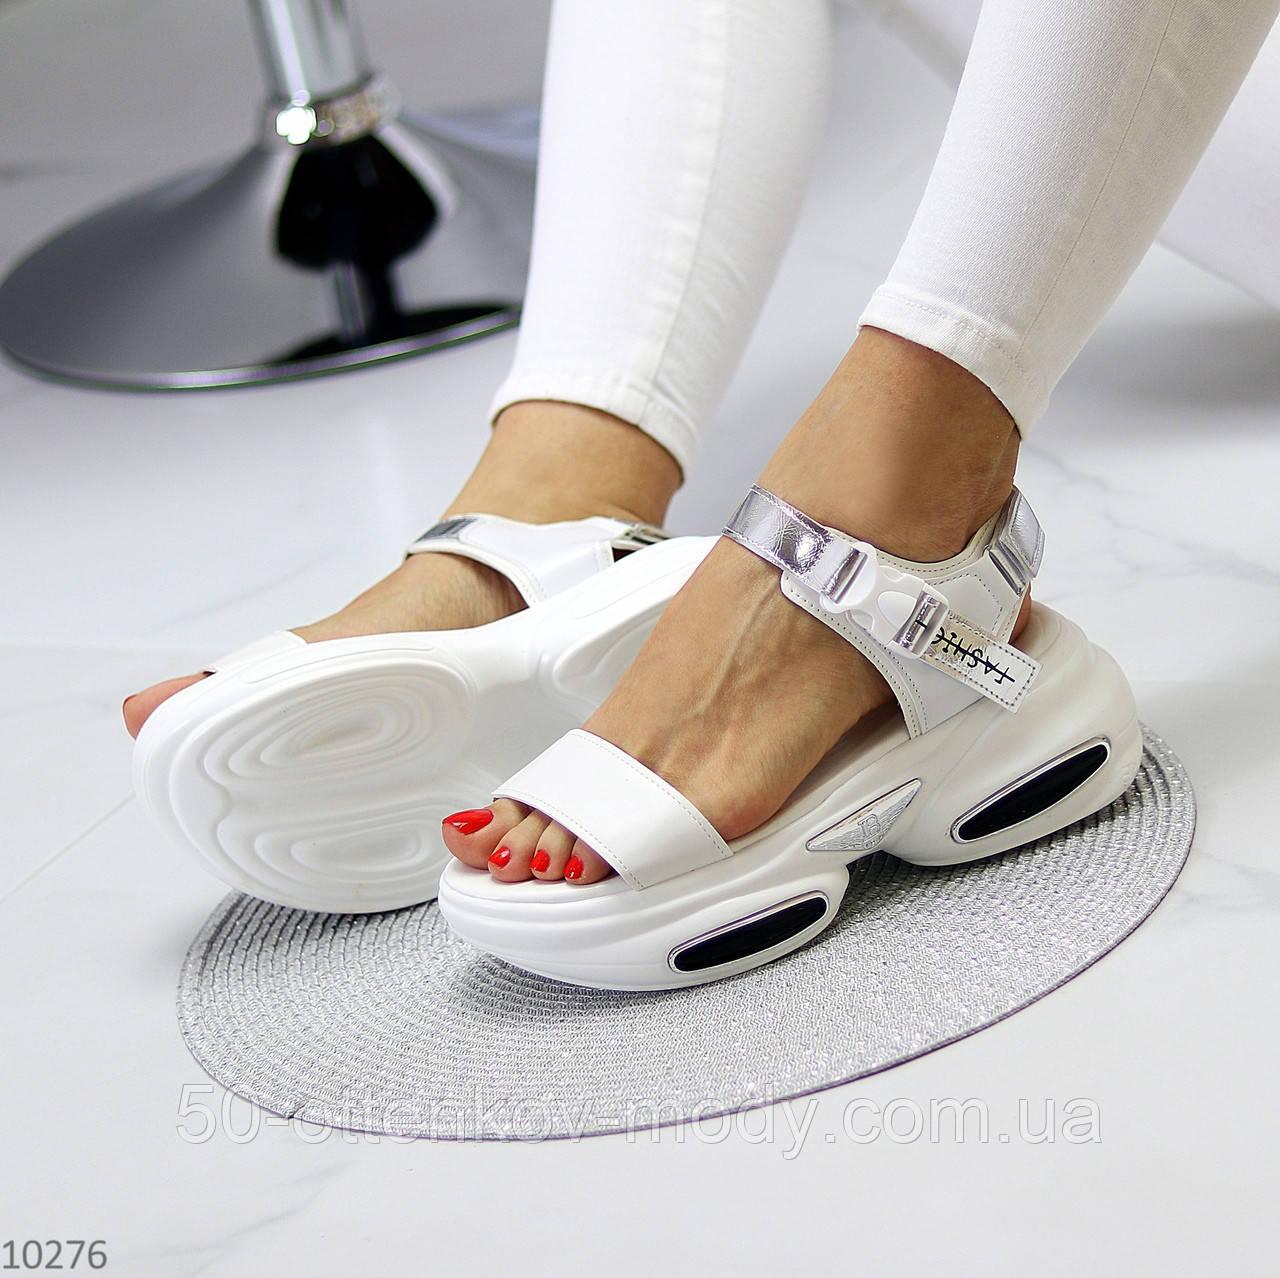 Женские босоножки спортивные на массивной подошве на липучках , платформа 6 см, белые бежевые черные